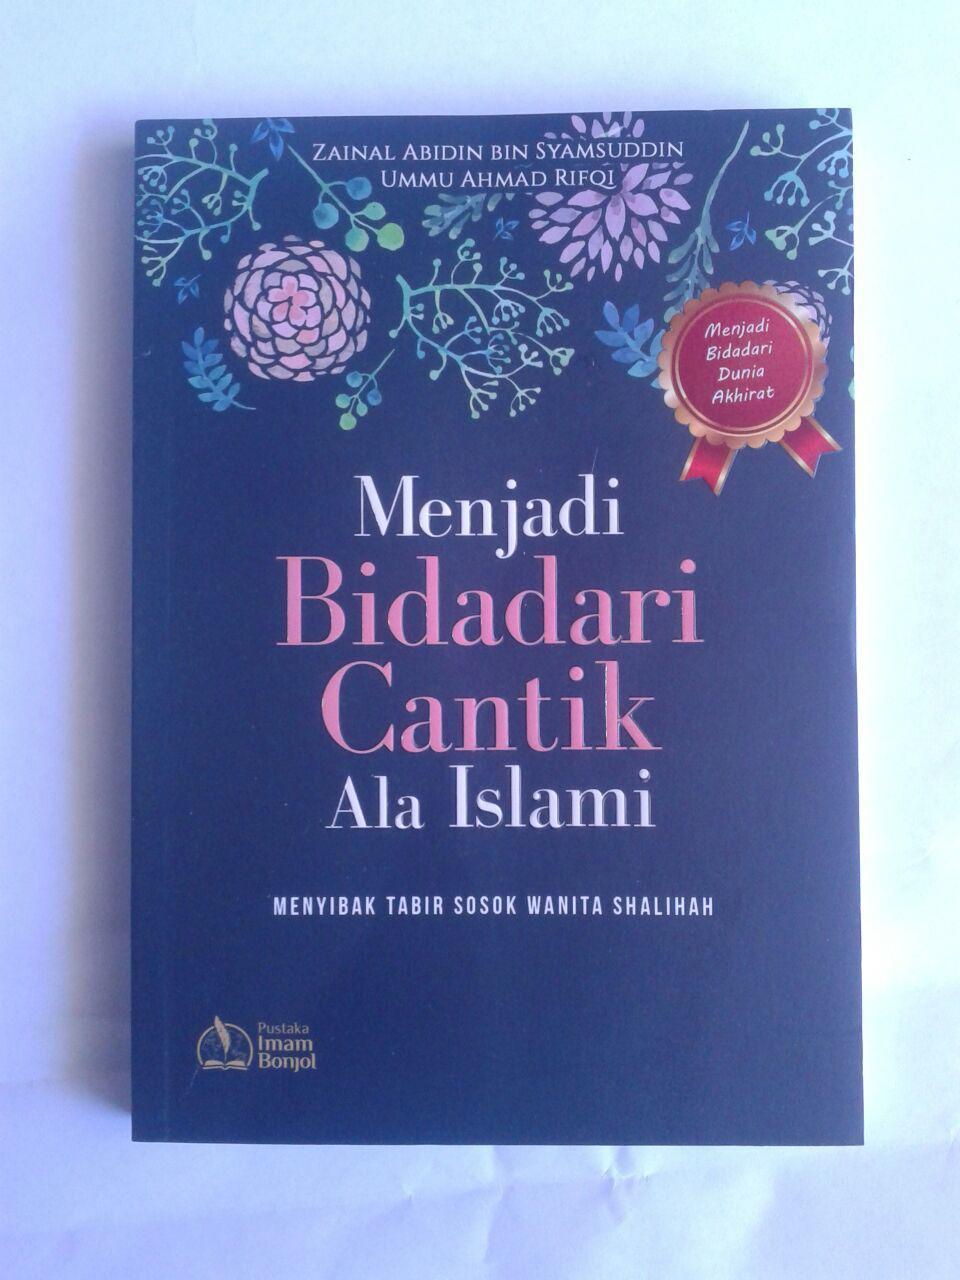 Buku Menjadi Bidadari Cantik Ala Islami Sosok Wanita Shalihah cover 2